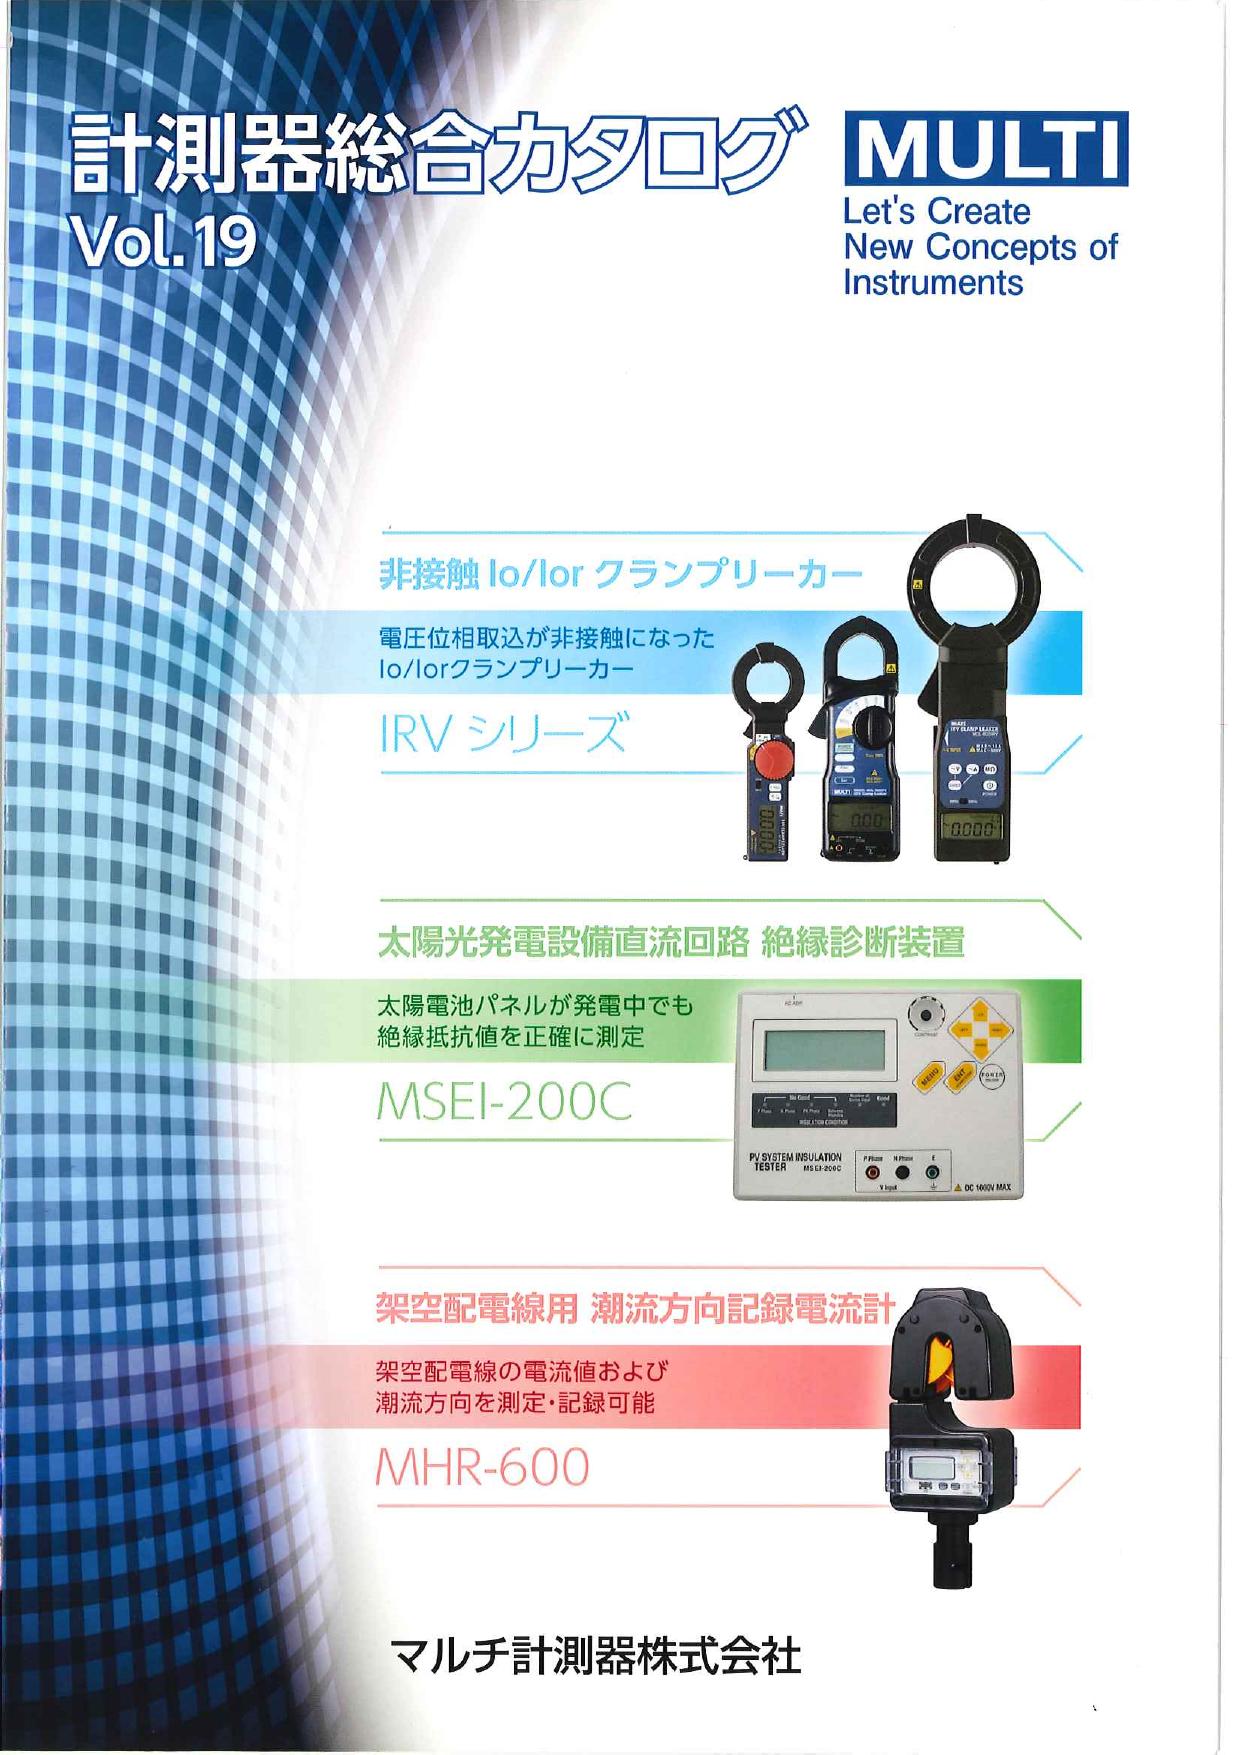 クランプリーカー・絶縁診断装置・電流計 計測器総合カタログ